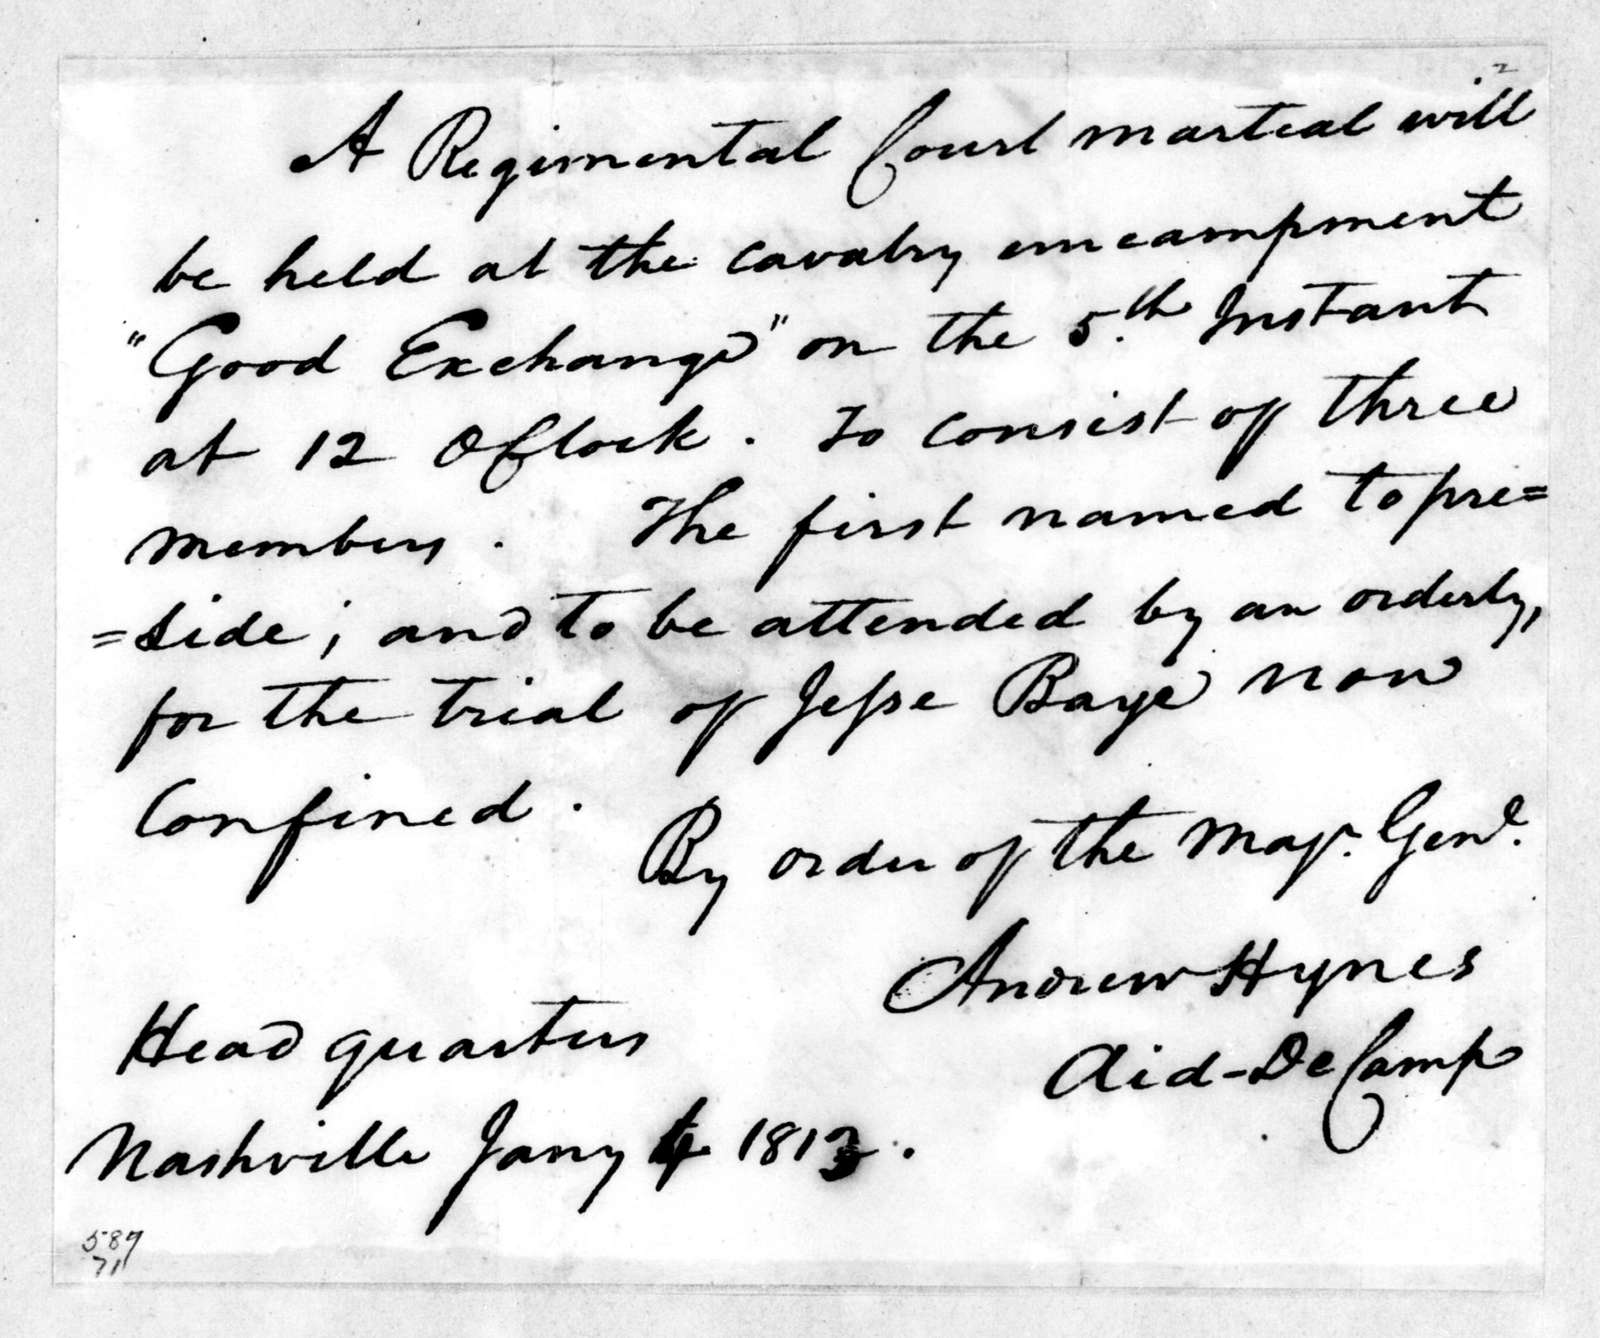 Andrew Hynes, January 4, 1813